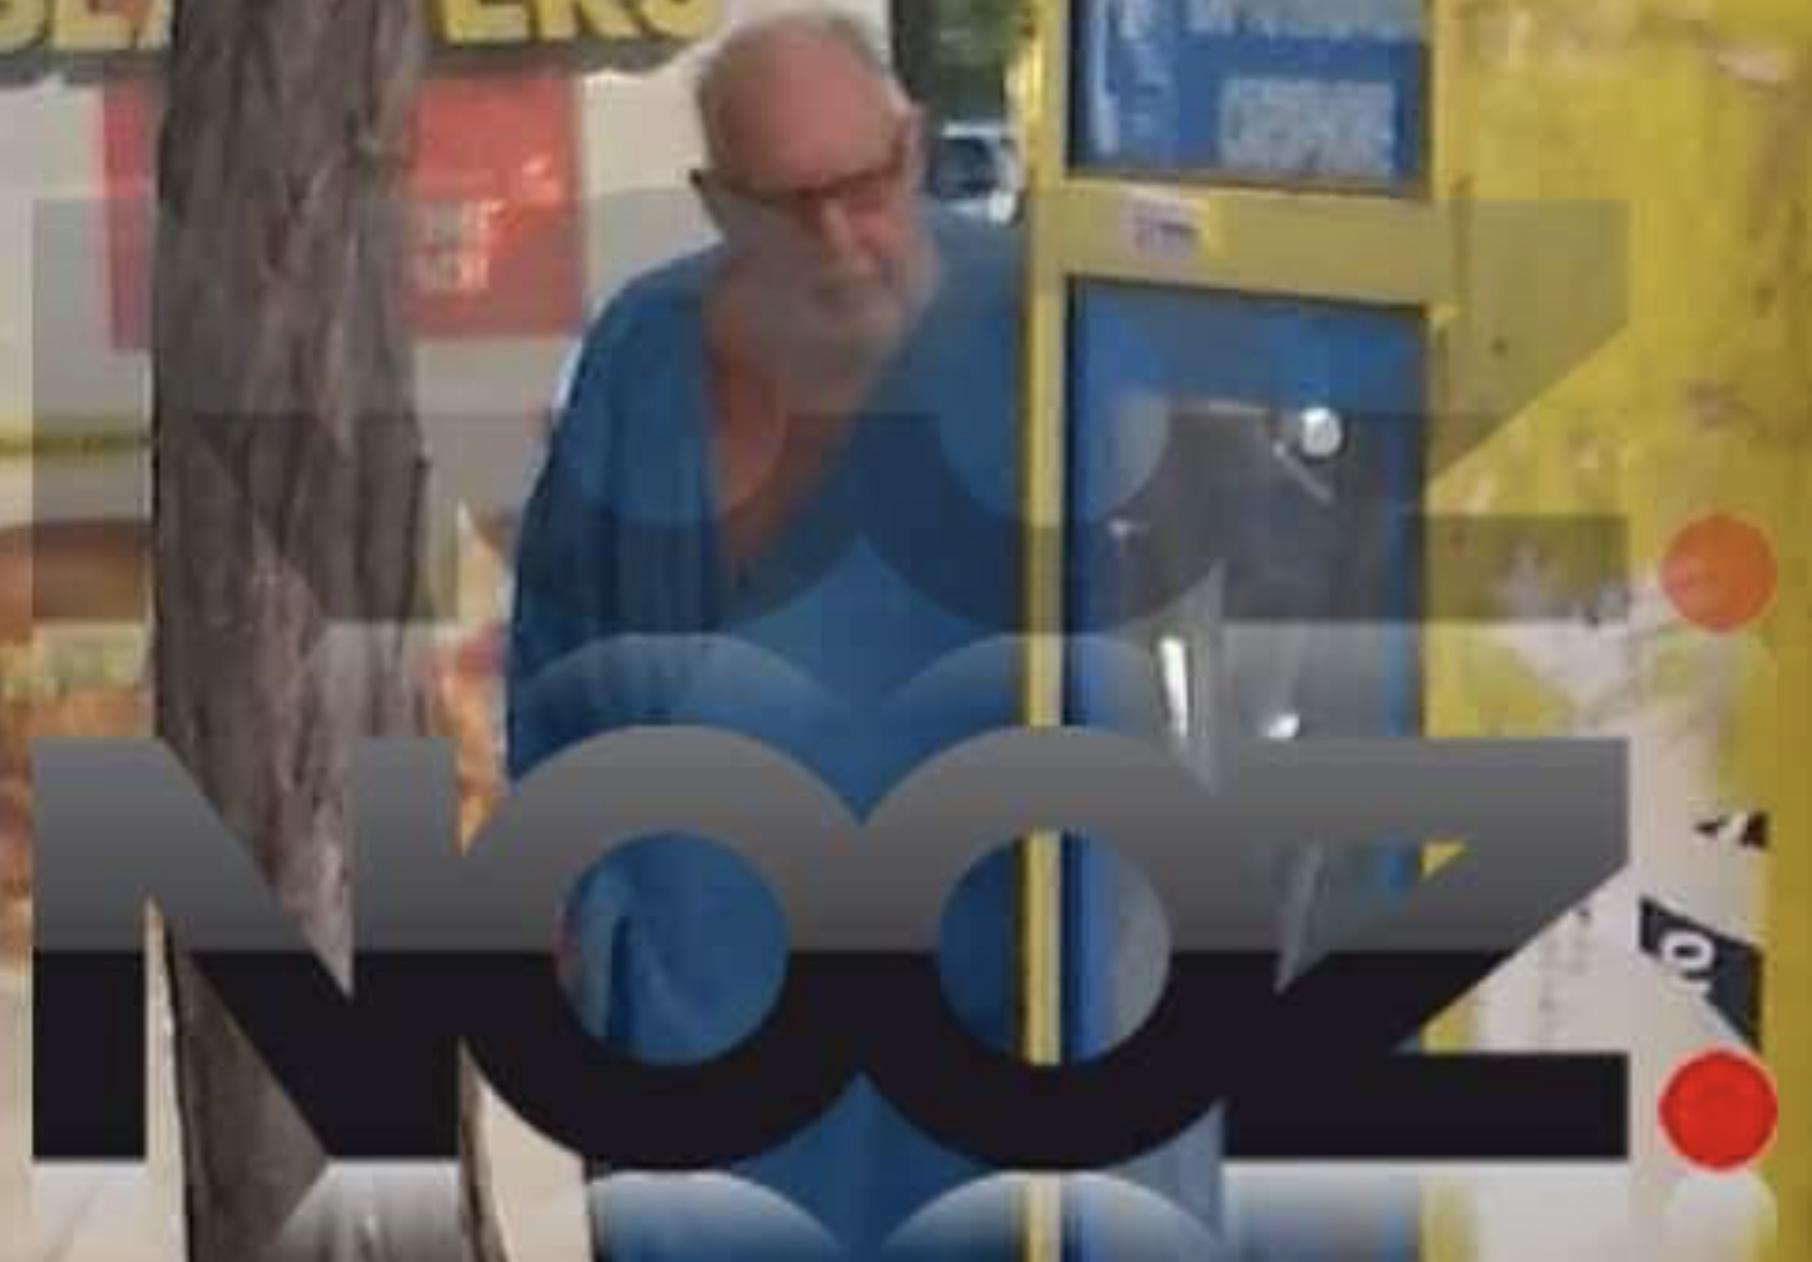 Όλη η αλήθεια για την εμφάνιση του Παγκαλου με το μπλε μπουρνούζι. Γιατί βγήκε έτσι στο Κολωνακι;